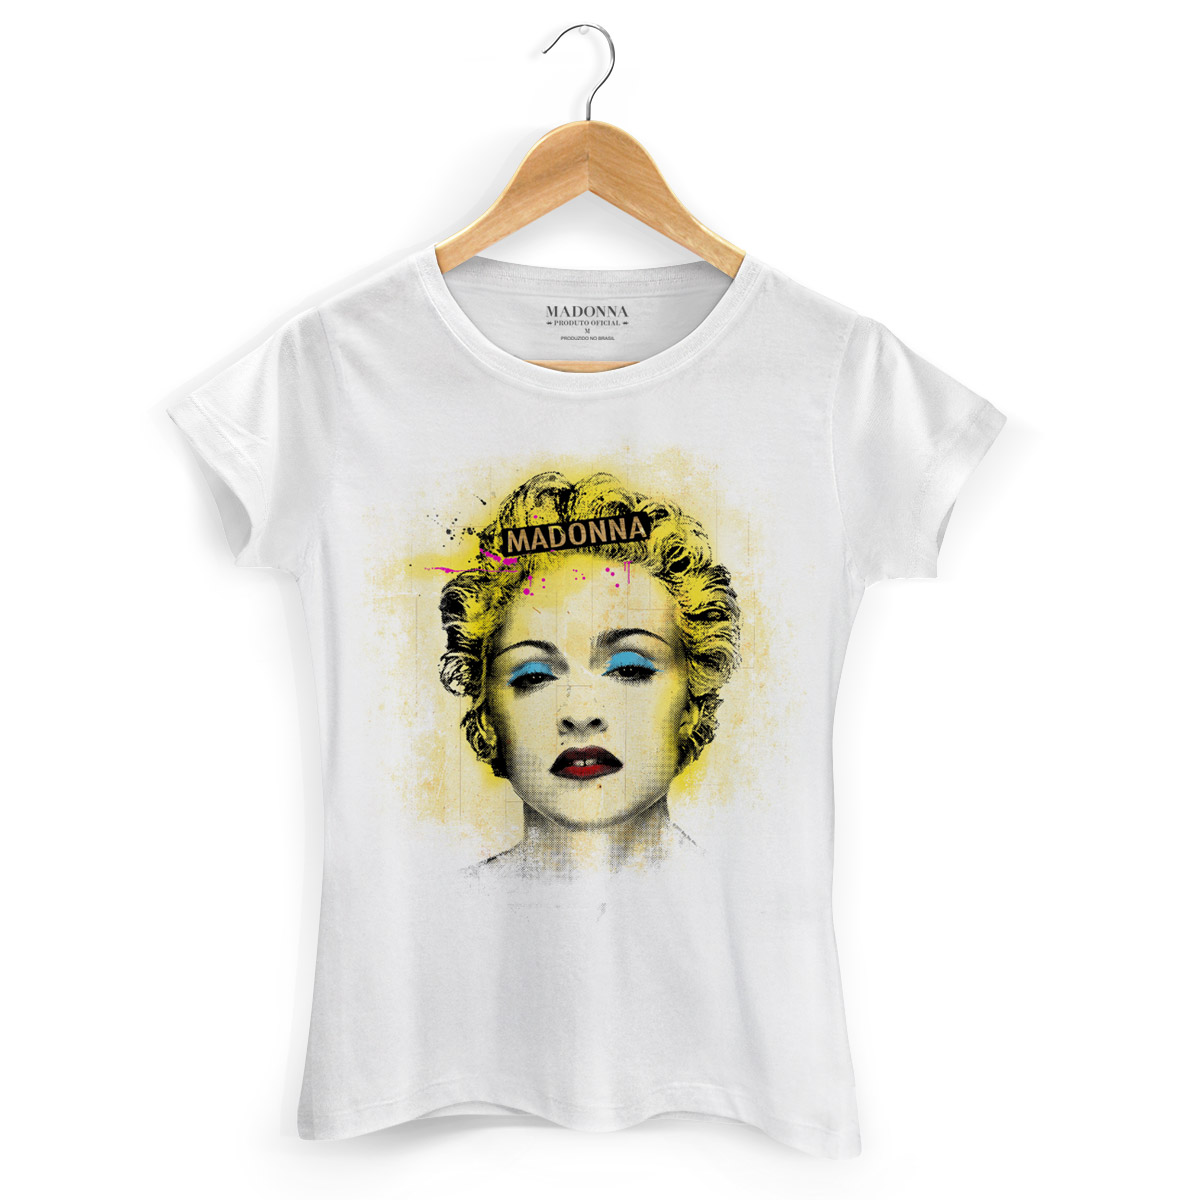 Camiseta Feminina Madonna Celebration